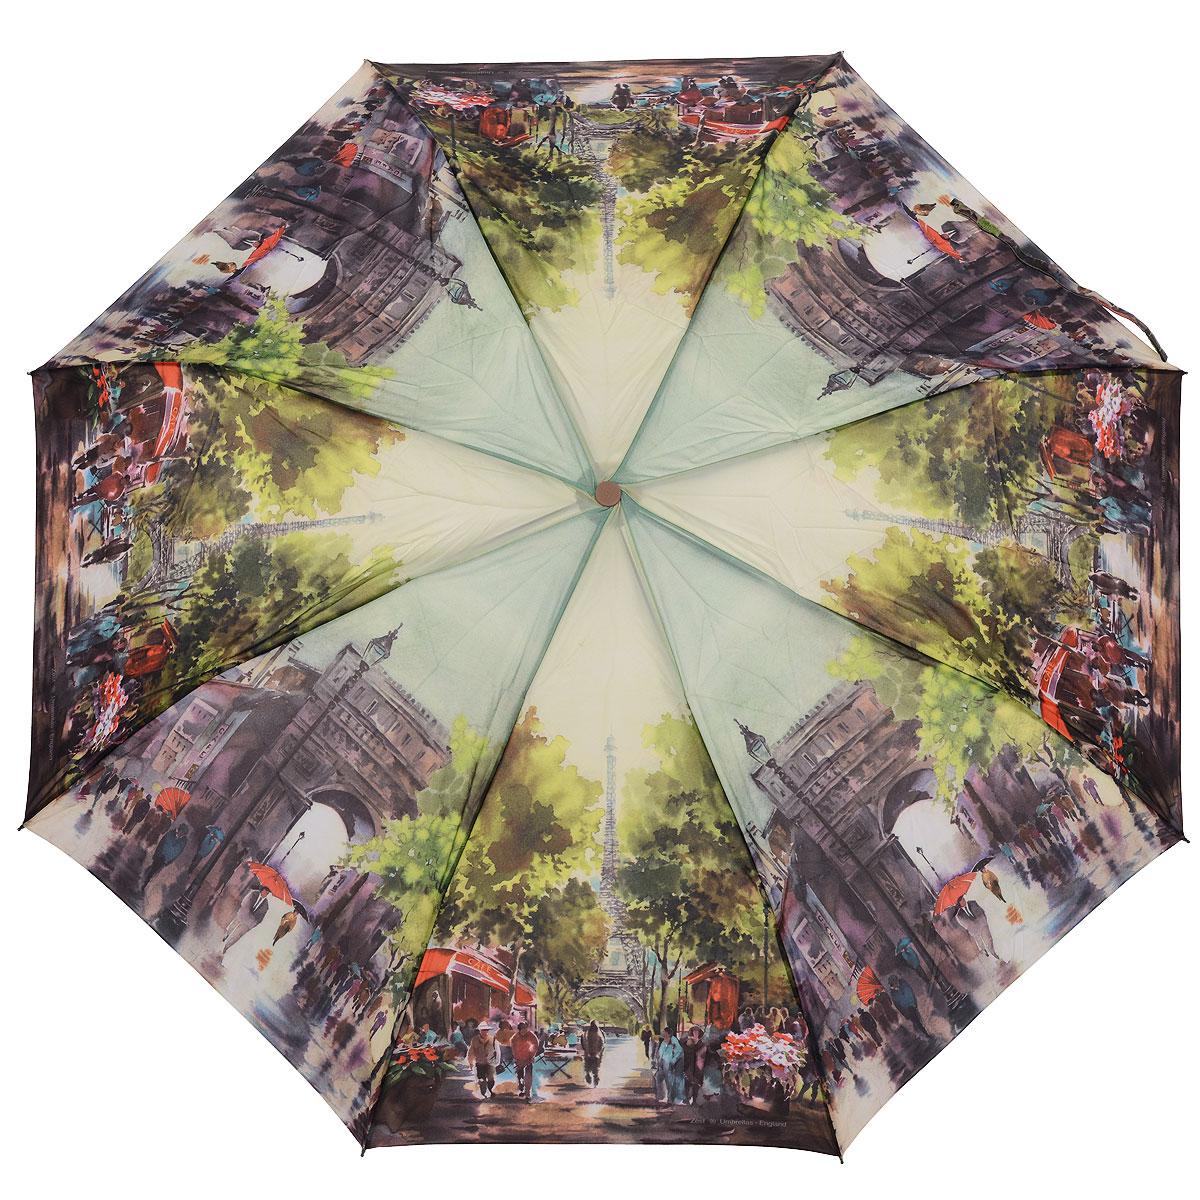 Зонт женский Zest, автомат, 3 сложения, цвет: зеленый. 239455-61239455-61Автоматический зонт Zest в 3 сложения даже в ненастную погоду позволит вам оставаться стильной и элегантной. Детали каркаса изготовлены из высокопрочных материалов, специальная система Windproof защищает его от поломок. Зонт оснащен 8 спицами, выполненными из фибергласса. Ручка из прорезиненного пластика разработана с учетом требований эргономики. Используемые высококачественные красители, а также покрытие Teflon обеспечивают длительное сохранение свойств ткани купола зонта. Купол выполнен из полиэстера зеленого цвета и оформлен принтом с изображением Парижа. Зонт имеет полный автоматический механизм сложения: купол открывается и закрывается нажатием кнопки на рукоятке, стержень складывается вручную до характерного щелчка. На рукоятке для удобства есть небольшой шнурок, позволяющий надеть зонт на руку тогда, когда это будет необходимо. К зонту прилагается чехол.